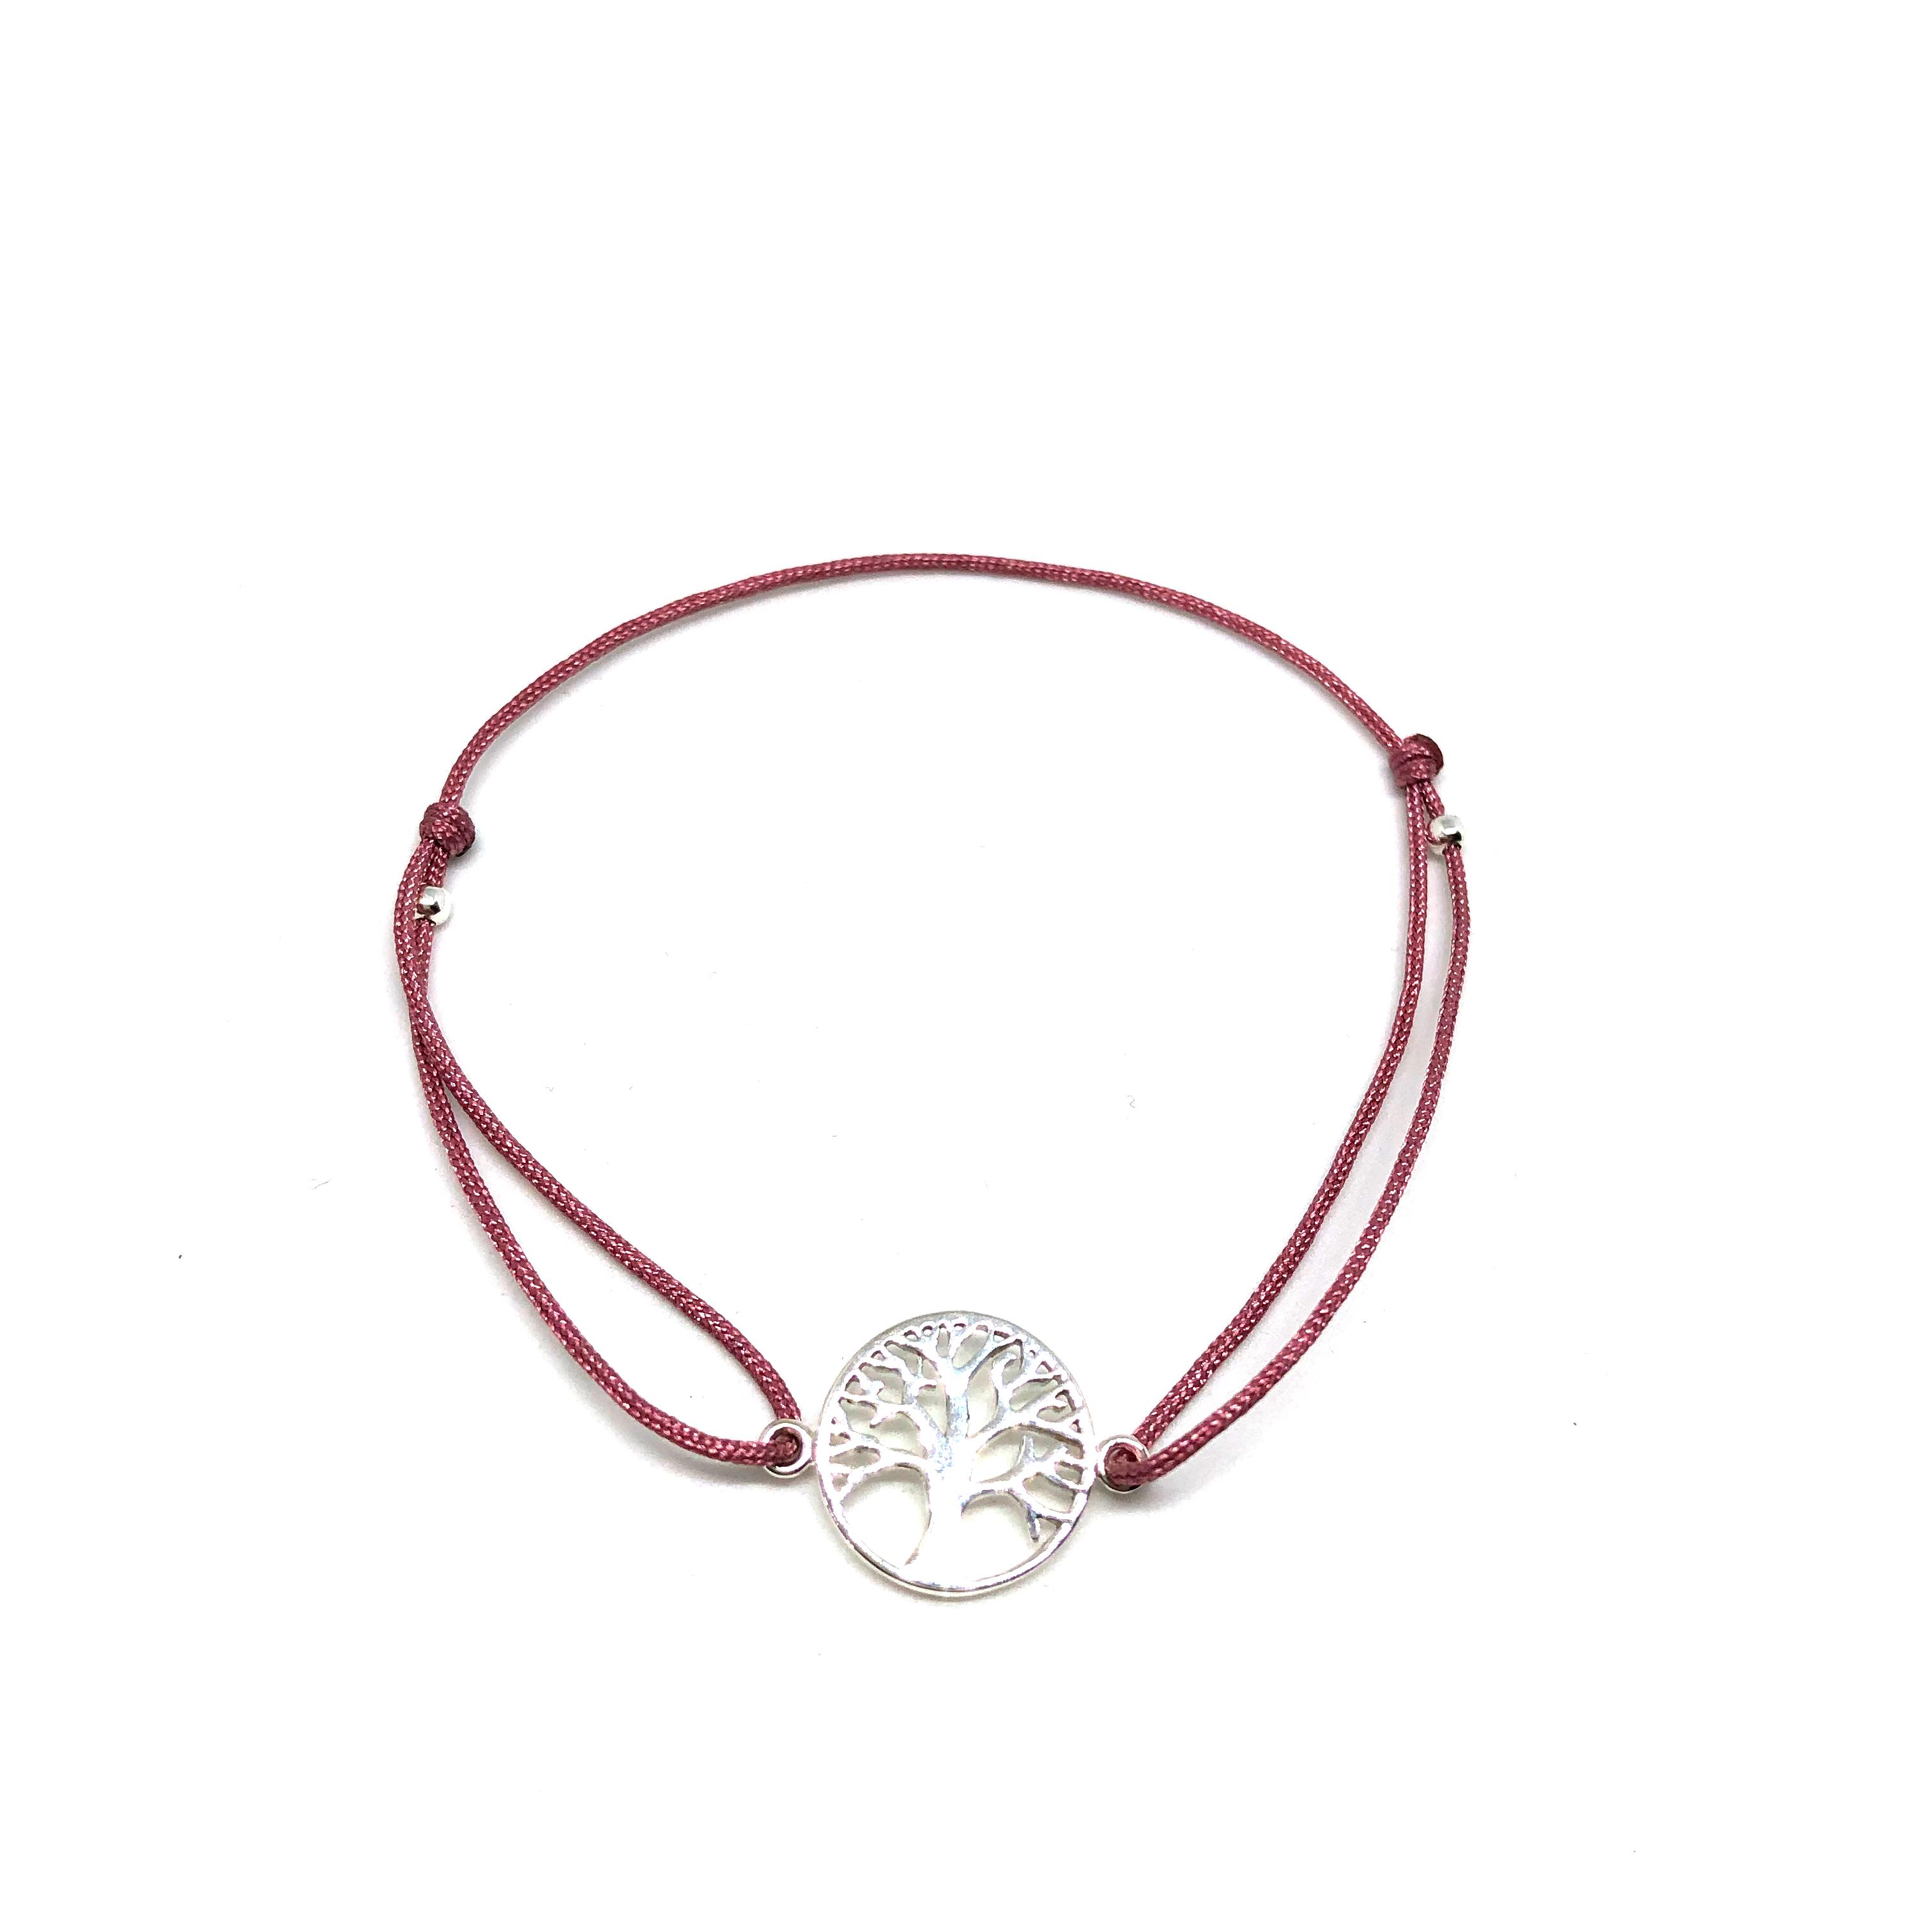 Dámský náramek strom života starorůžový/stříbro Mou Jewel